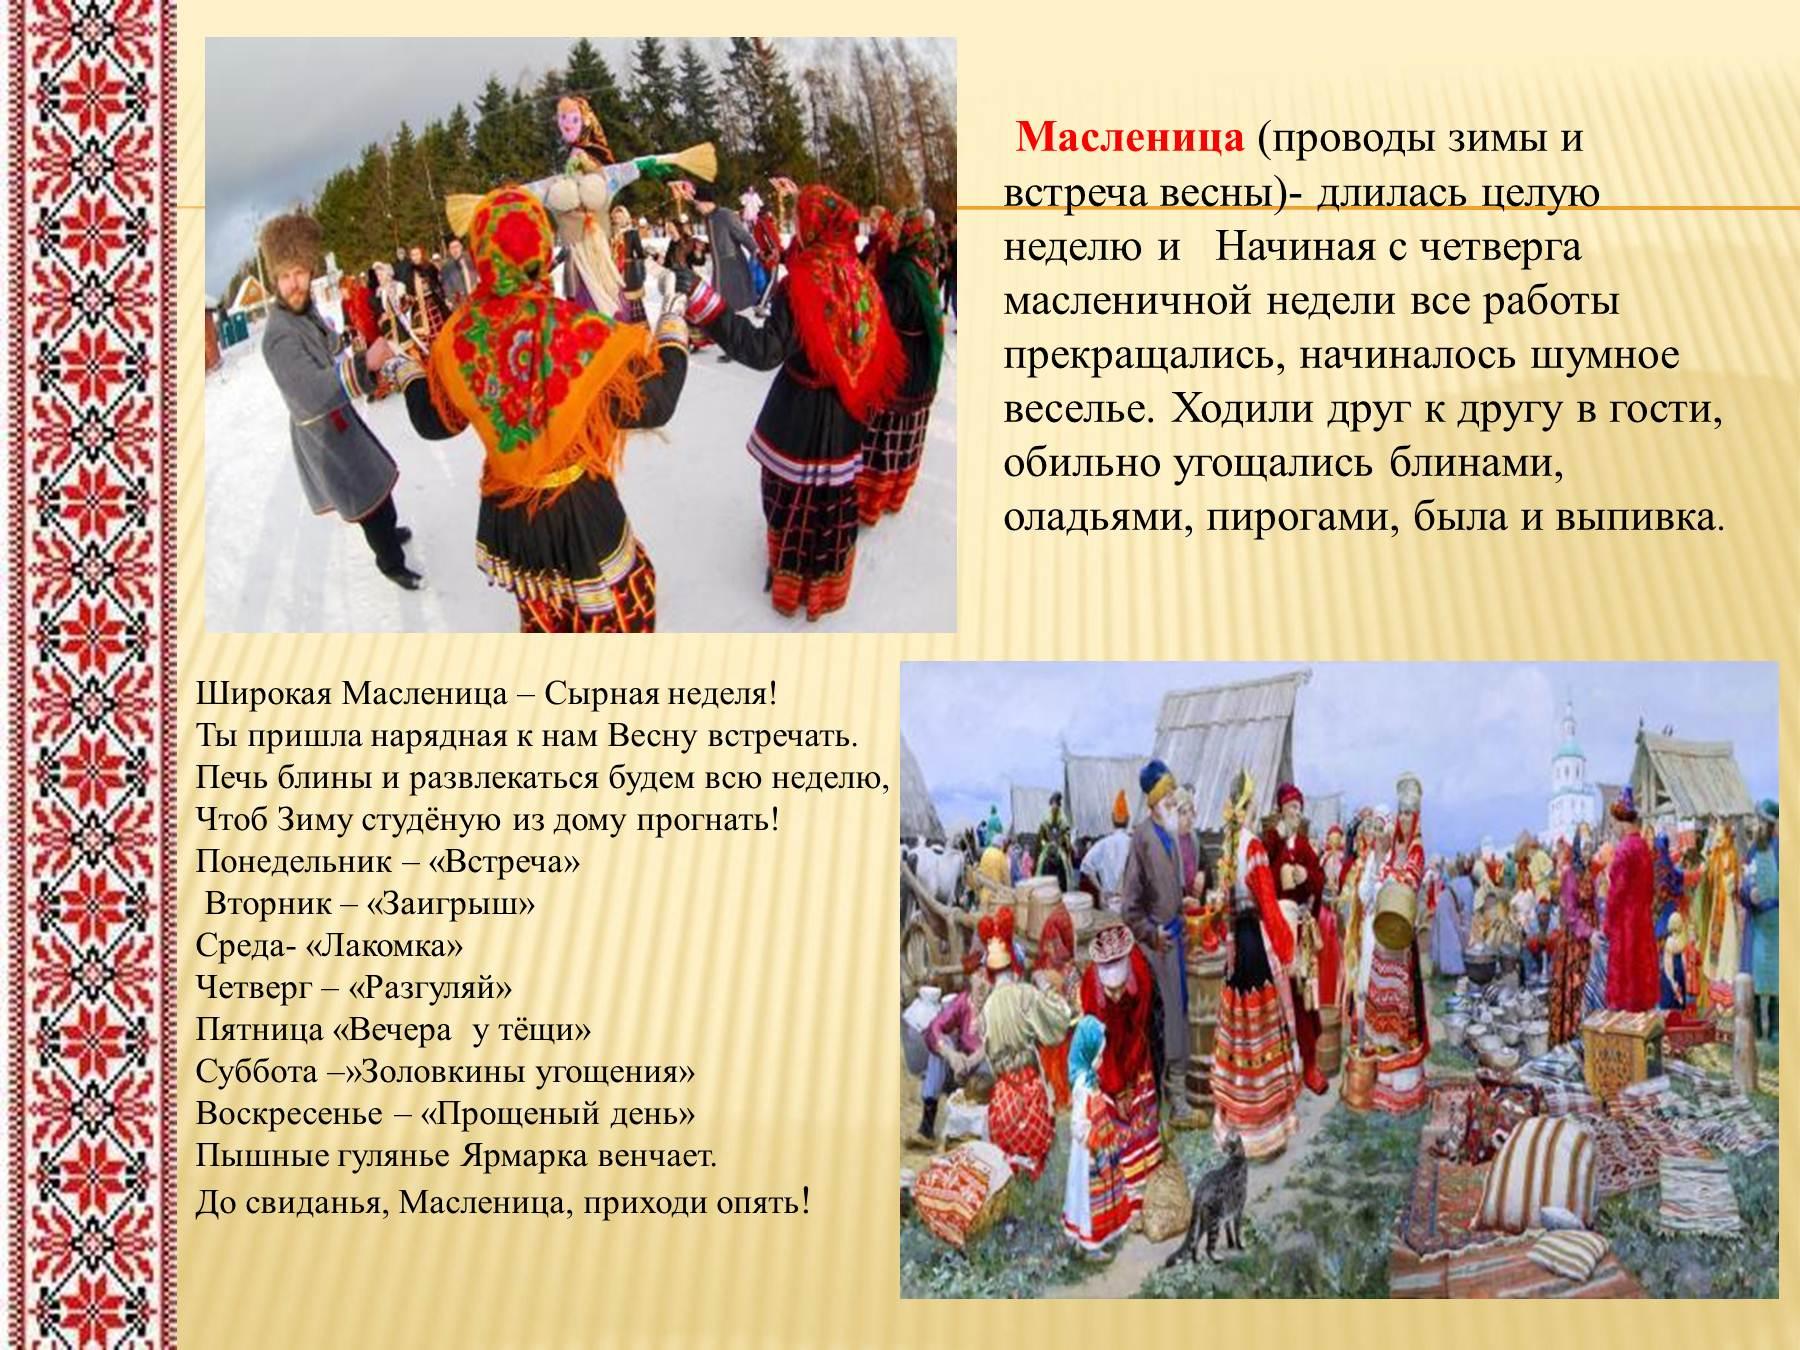 Обряды и традиции русского народа картинки